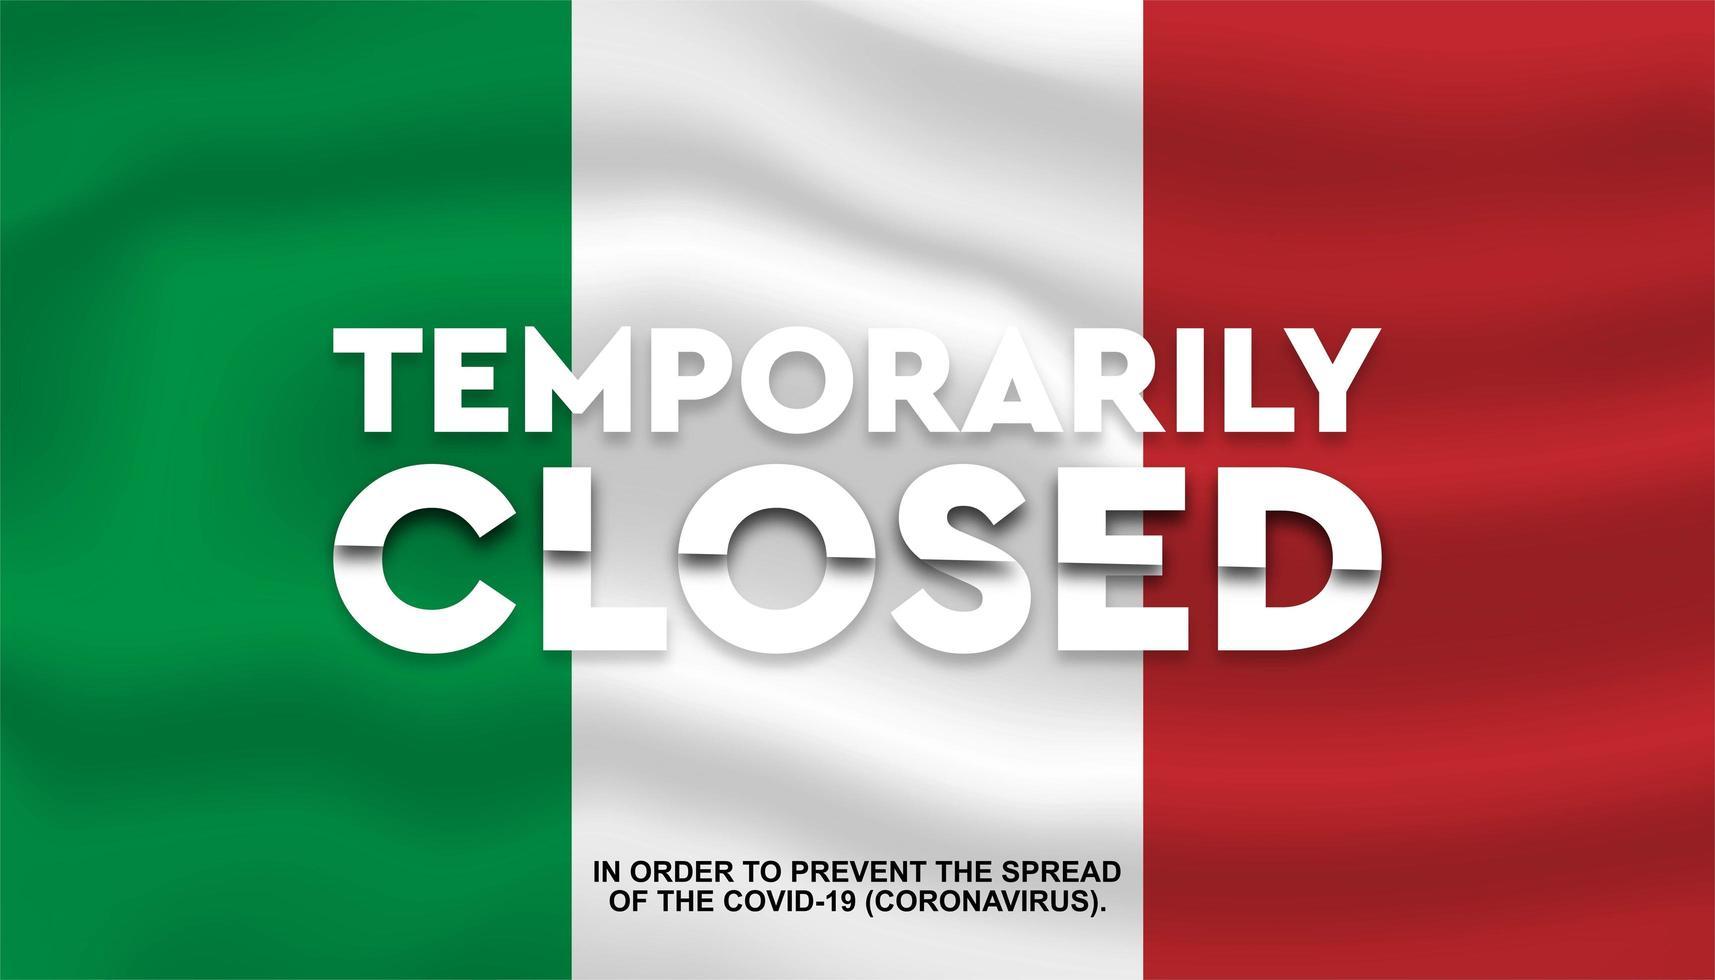 bandeira italia temporariamente fechada vetor